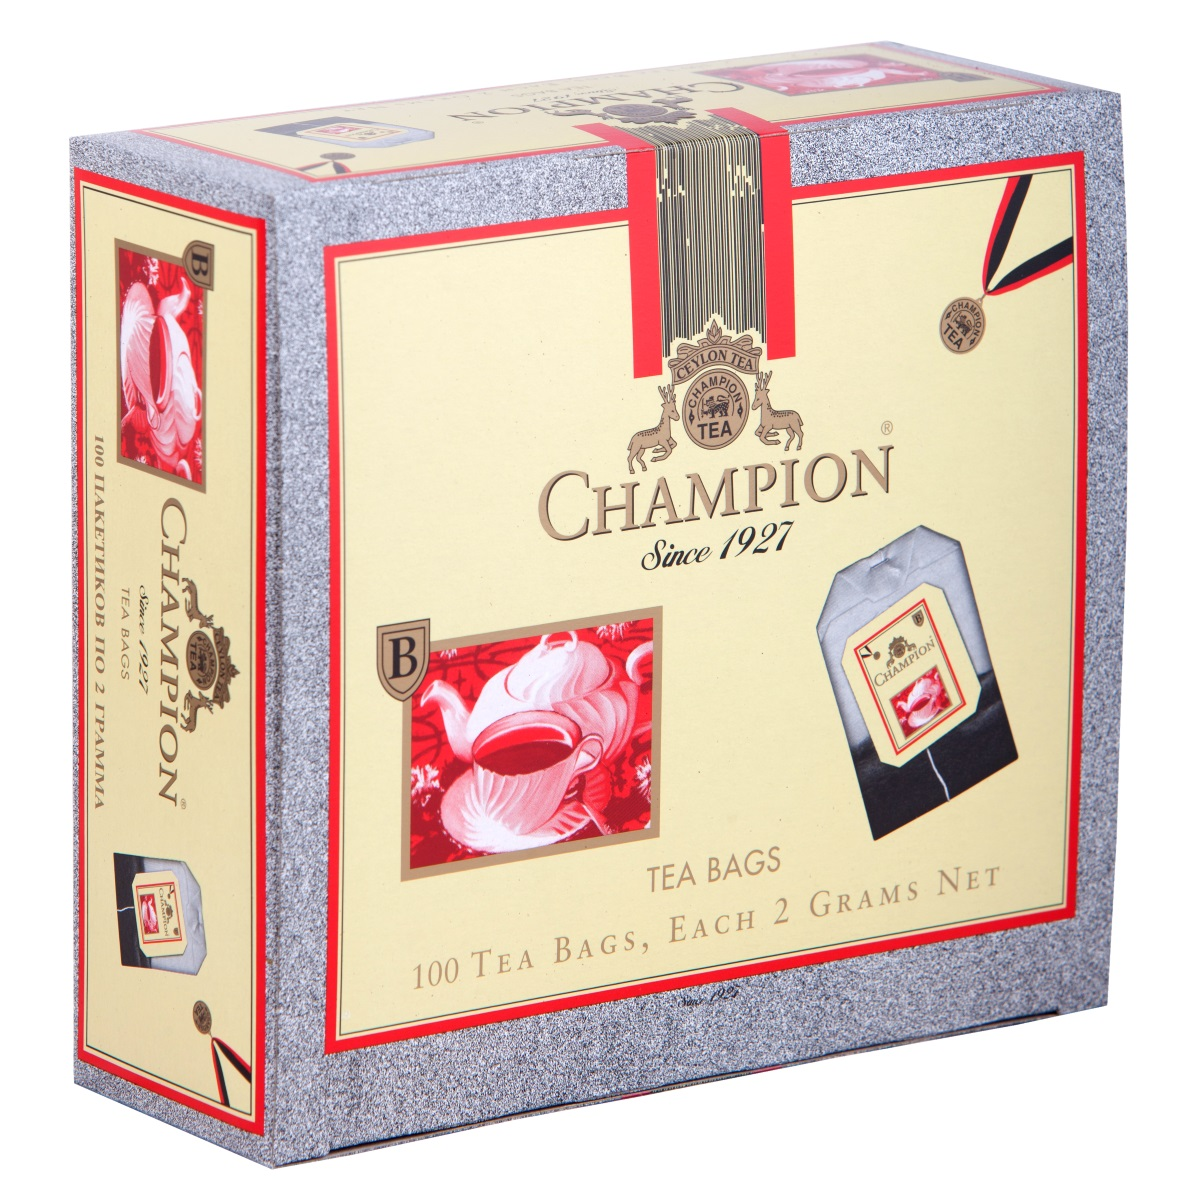 Champion черный листовой чай в пакетиках, 100 шт чемпион чай